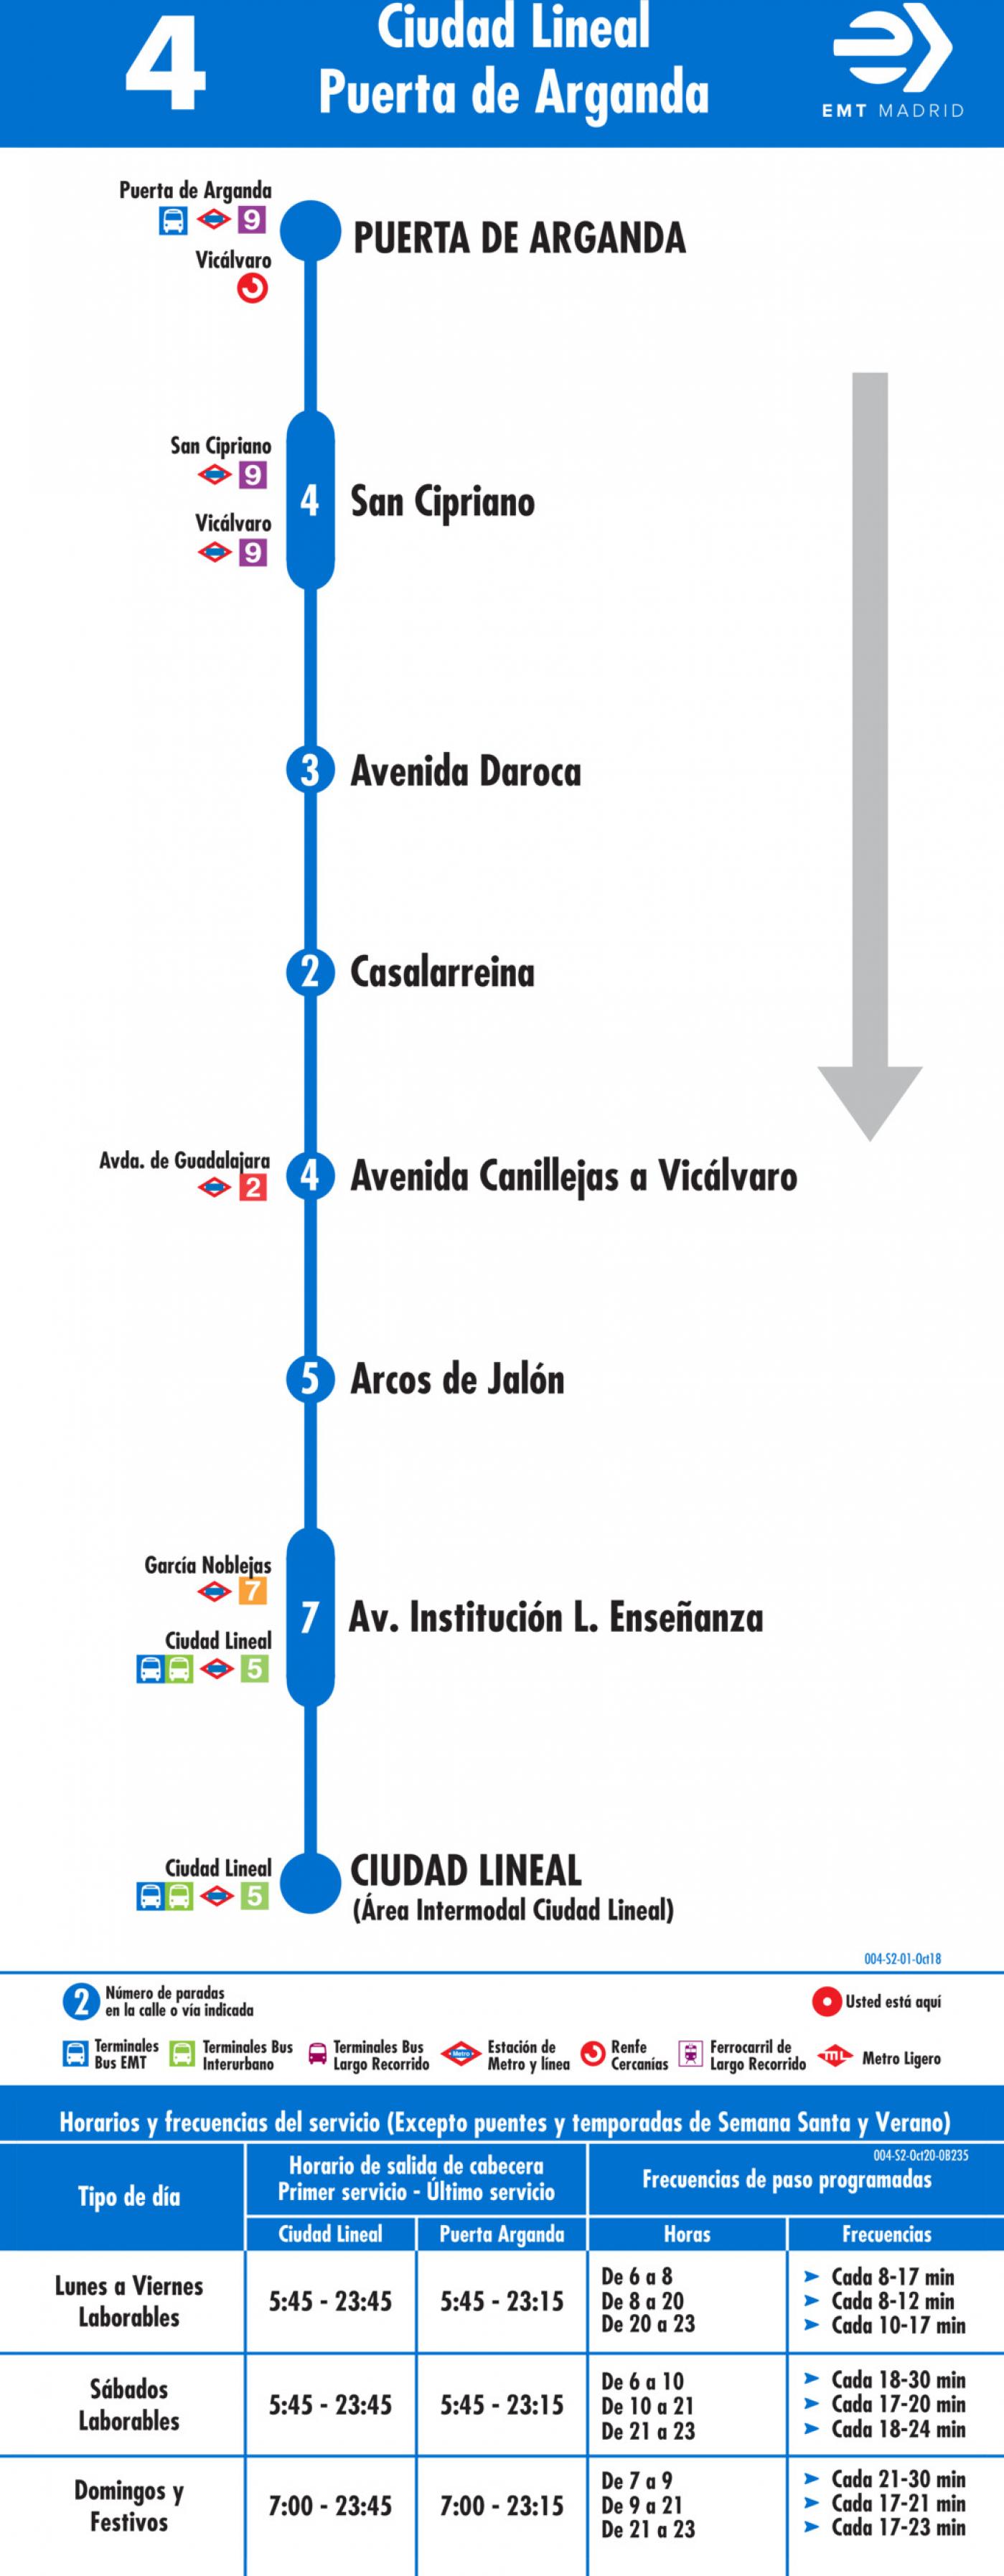 Tabla de horarios y frecuencias de paso en sentido vuelta Línea 4: Plaza de Ciudad Lineal - Puerta de Arganda